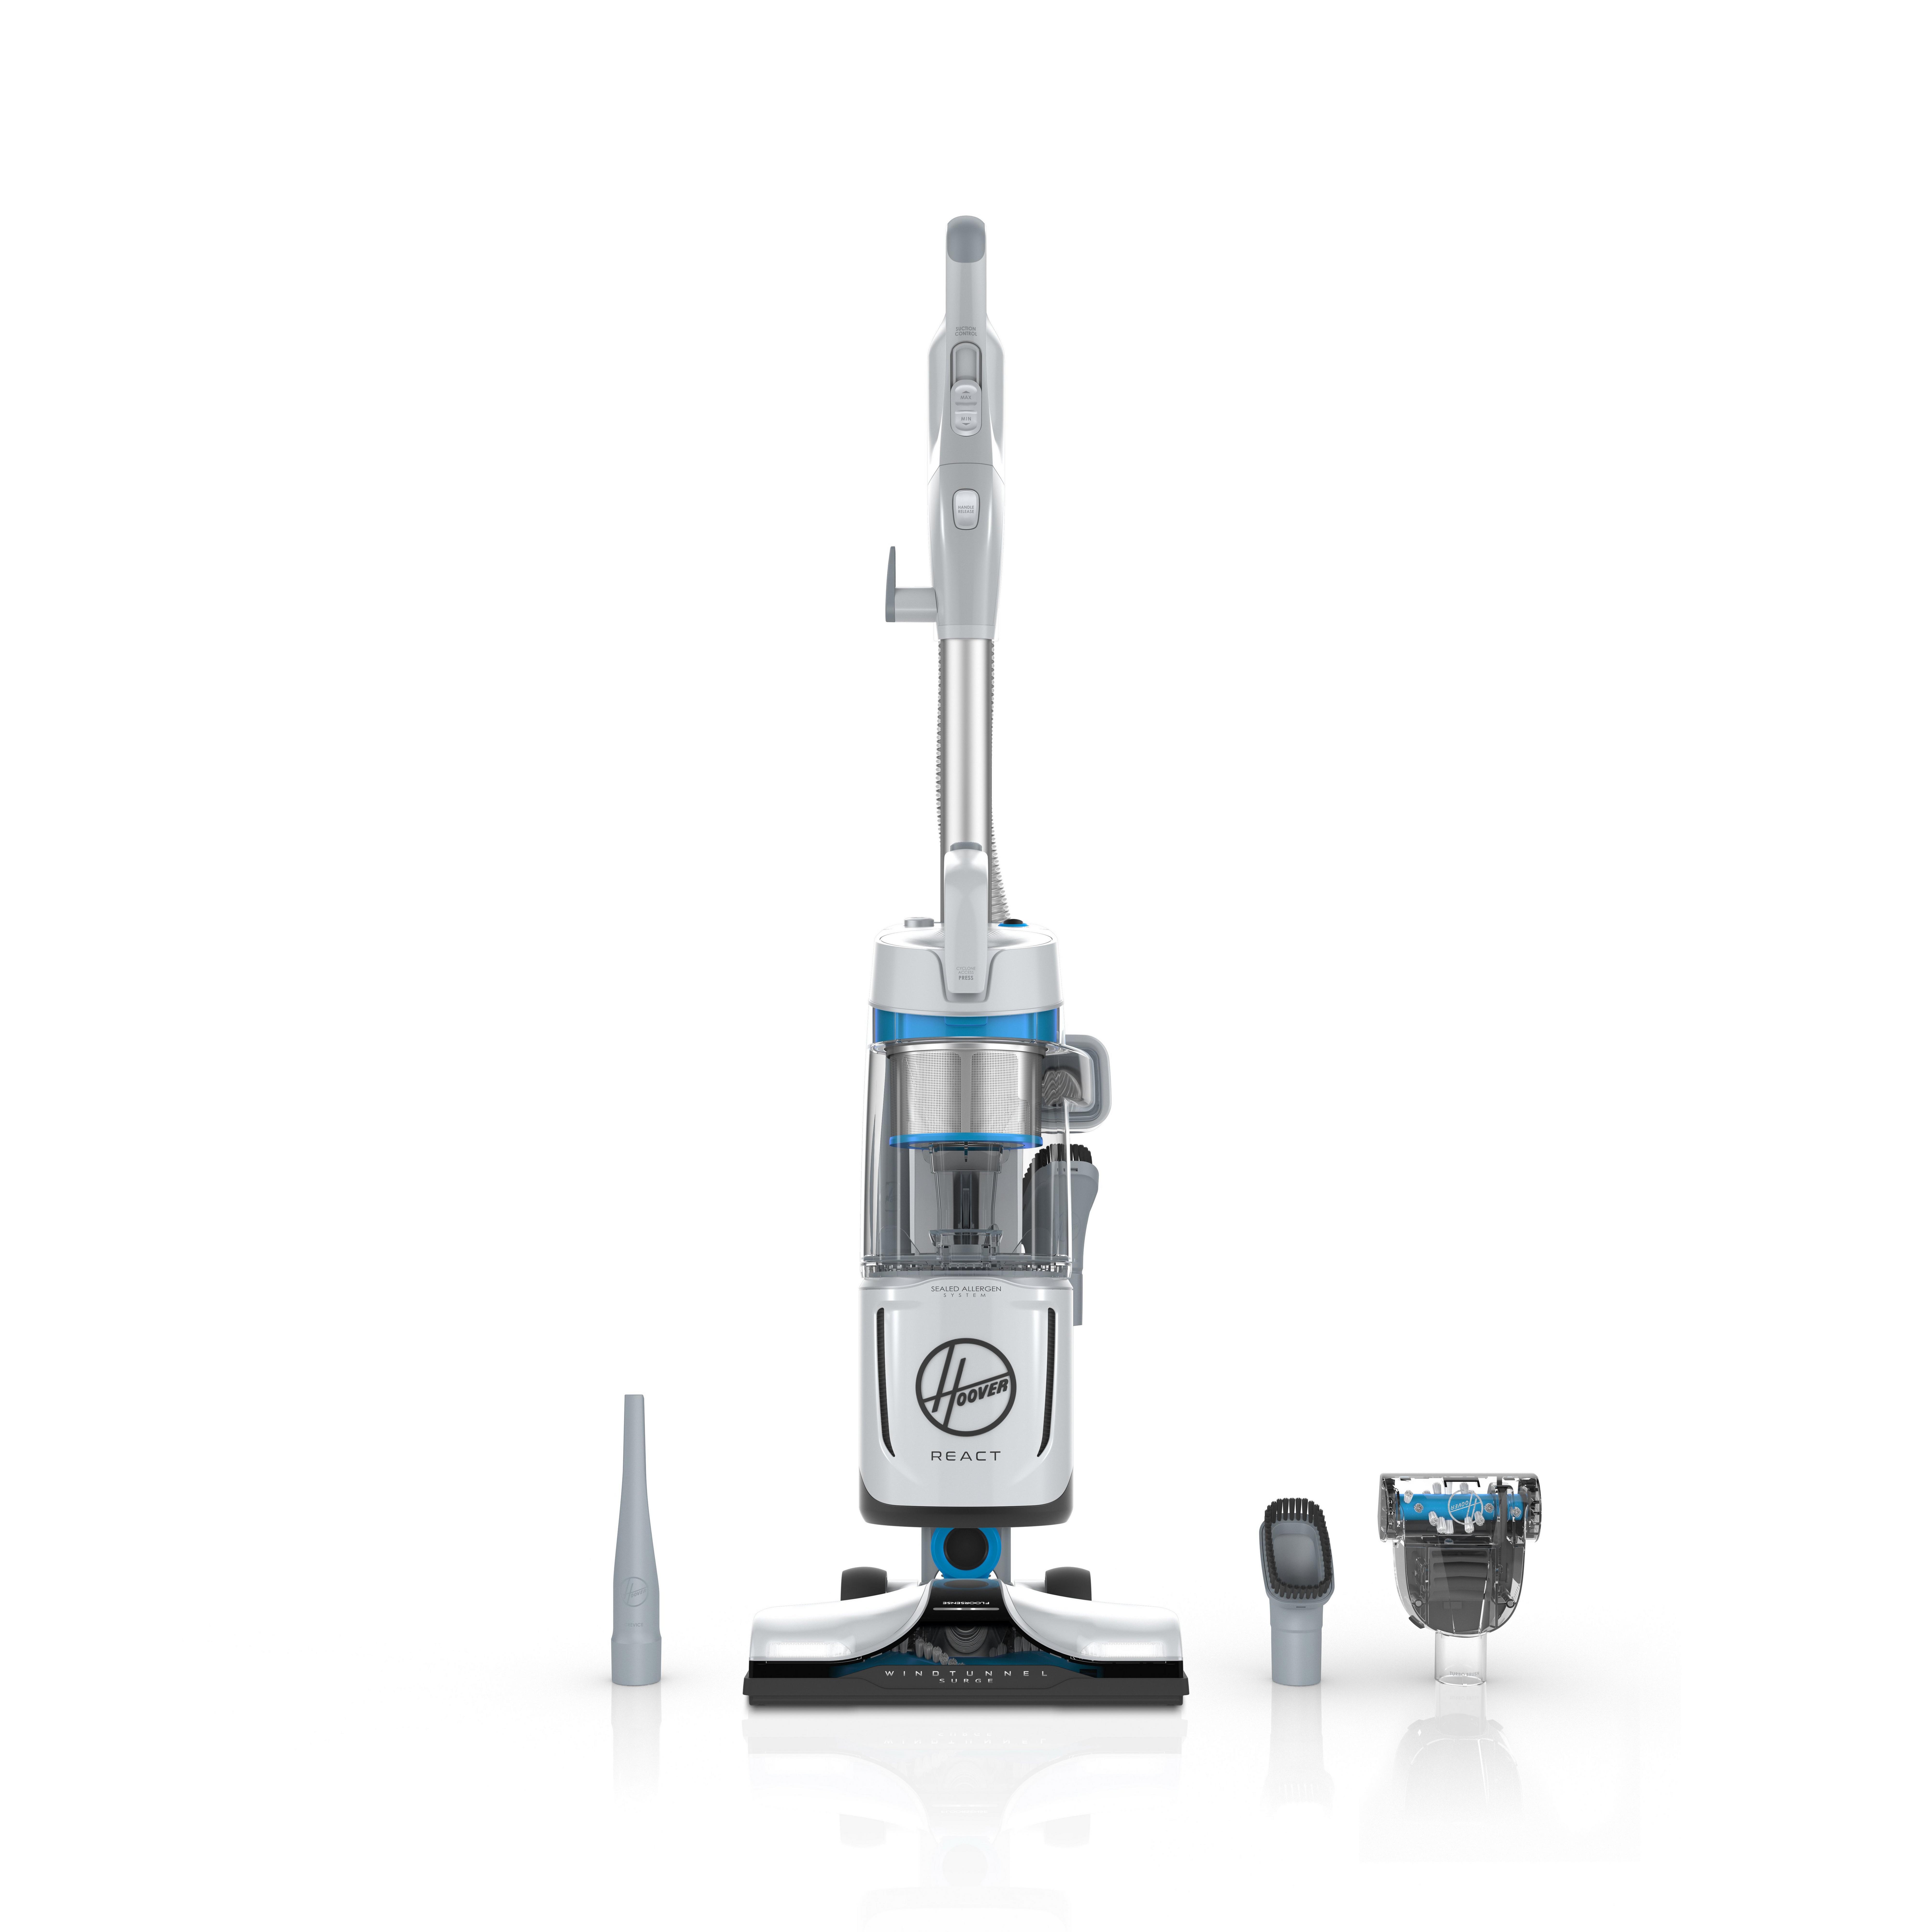 REACT QuickLift Upright Vacuum